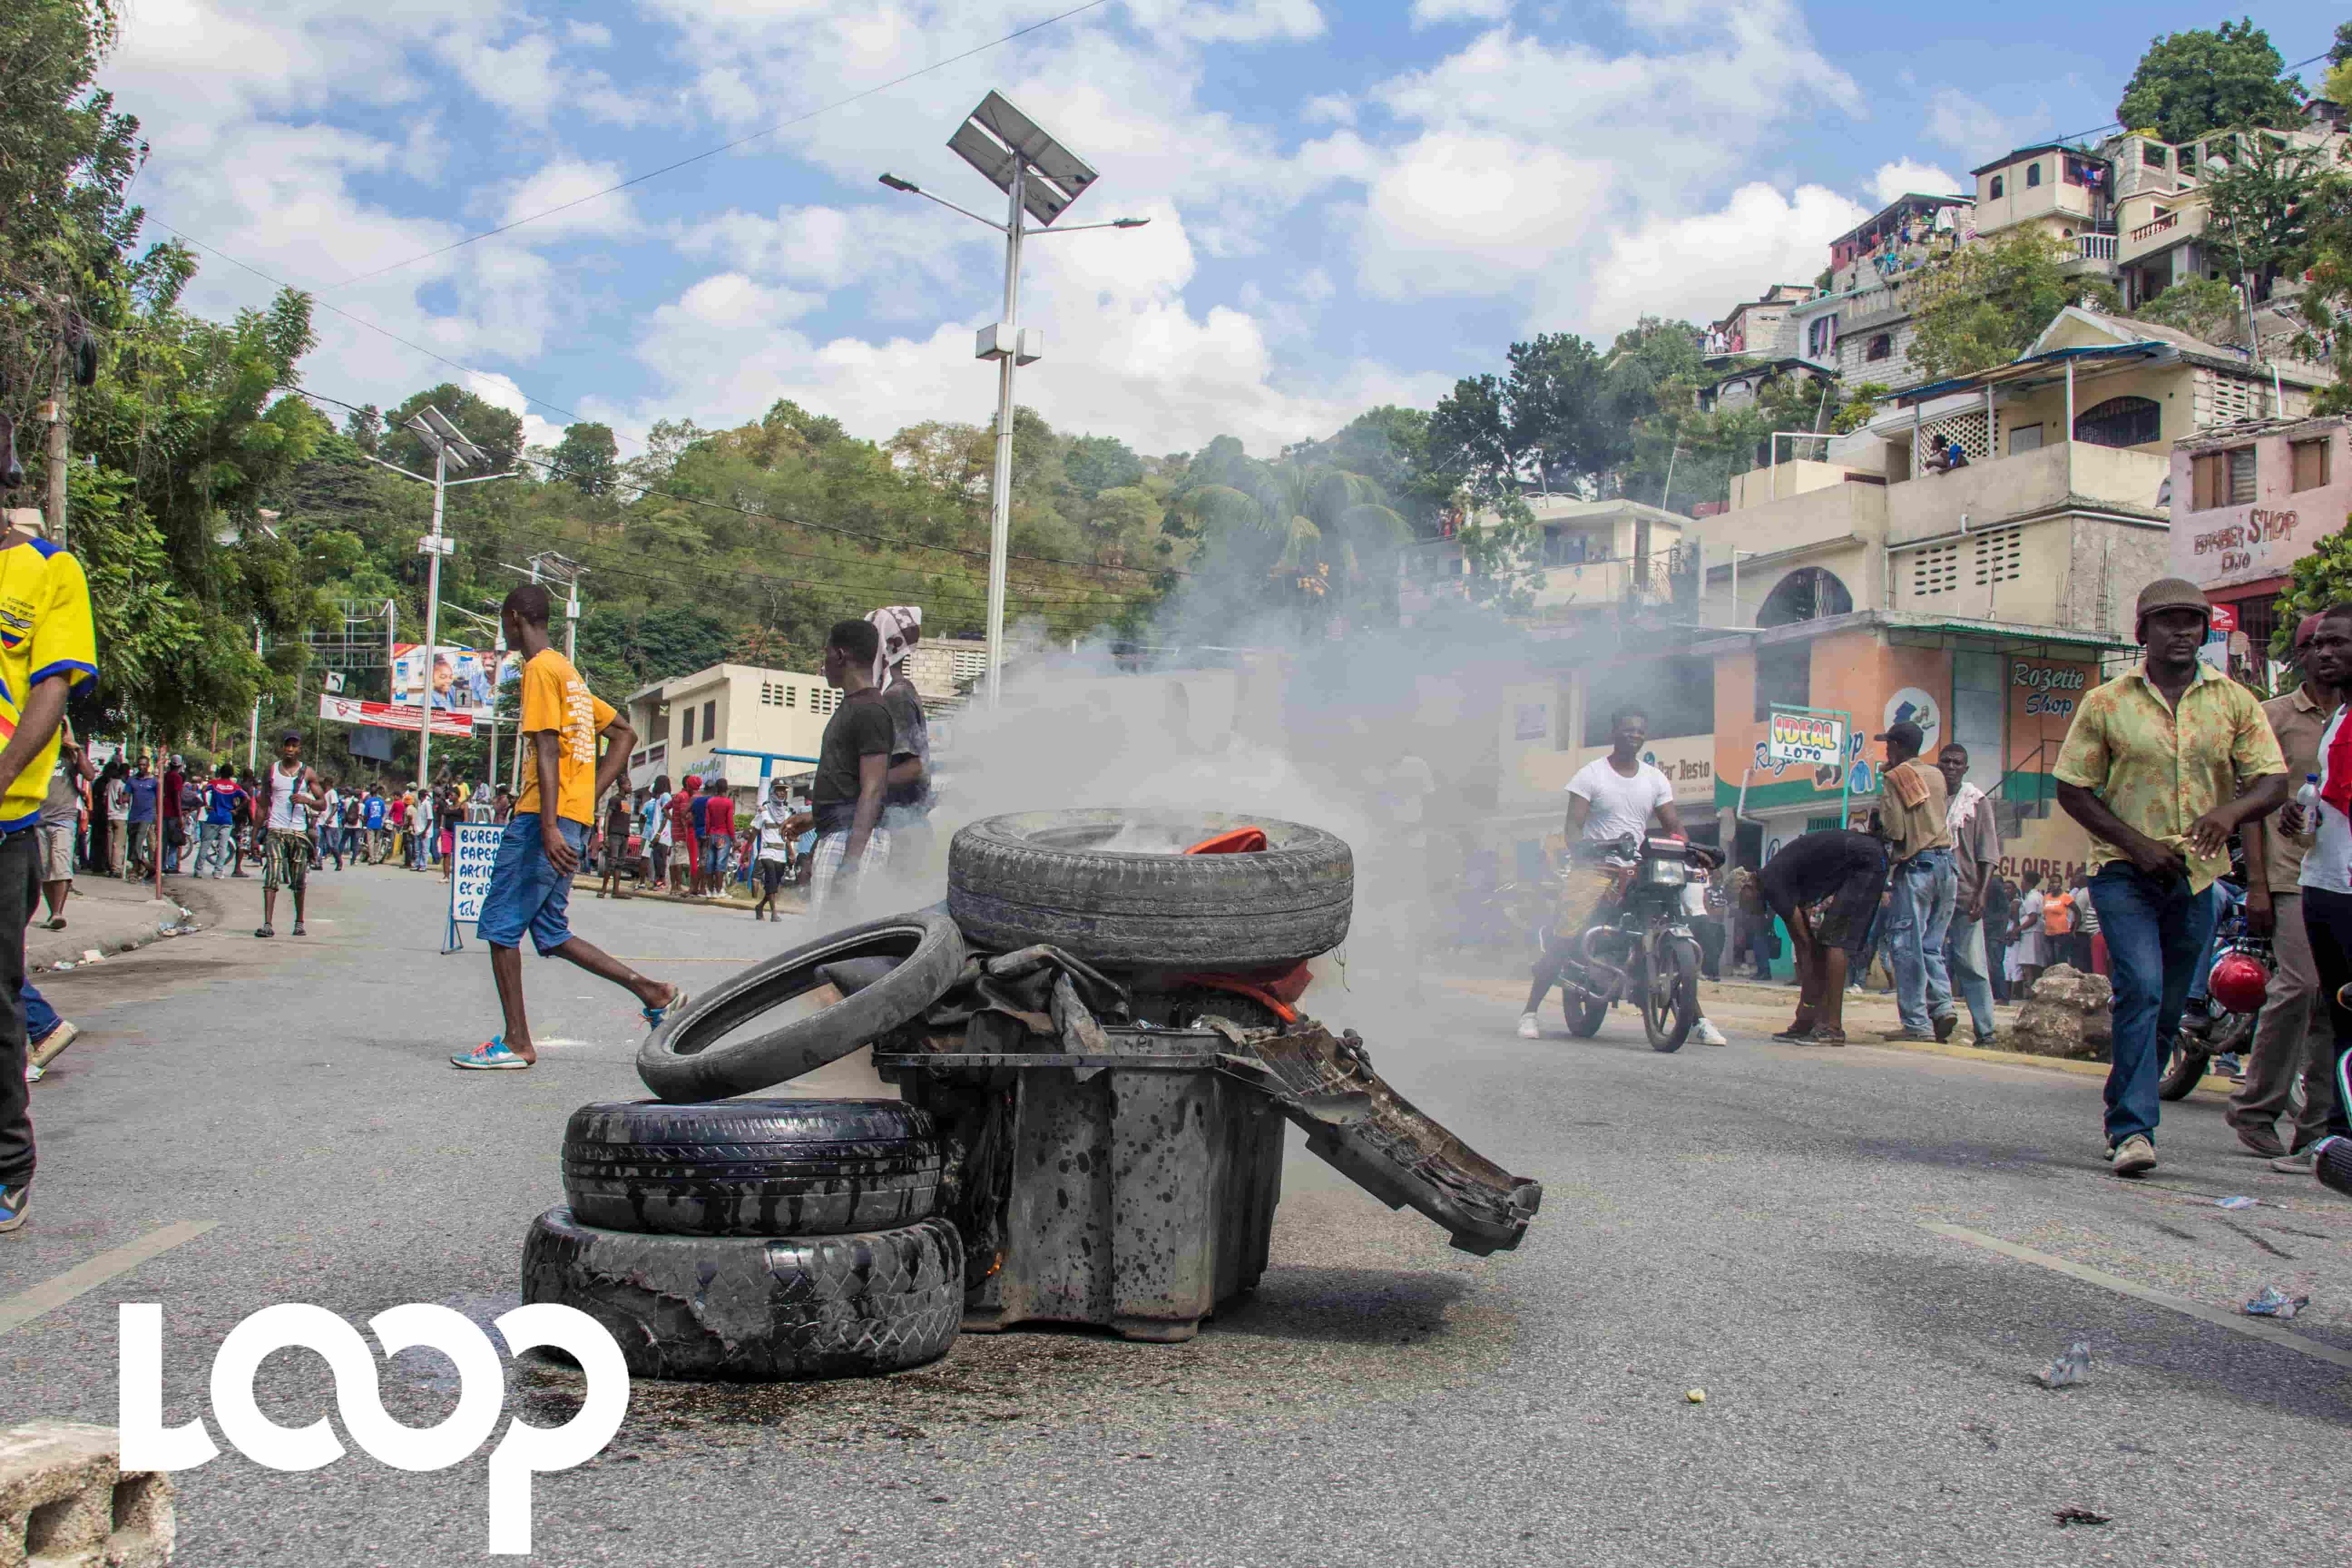 Cette photo n'a pas été prise sur les lieux des manifestations rapportées dans cet article